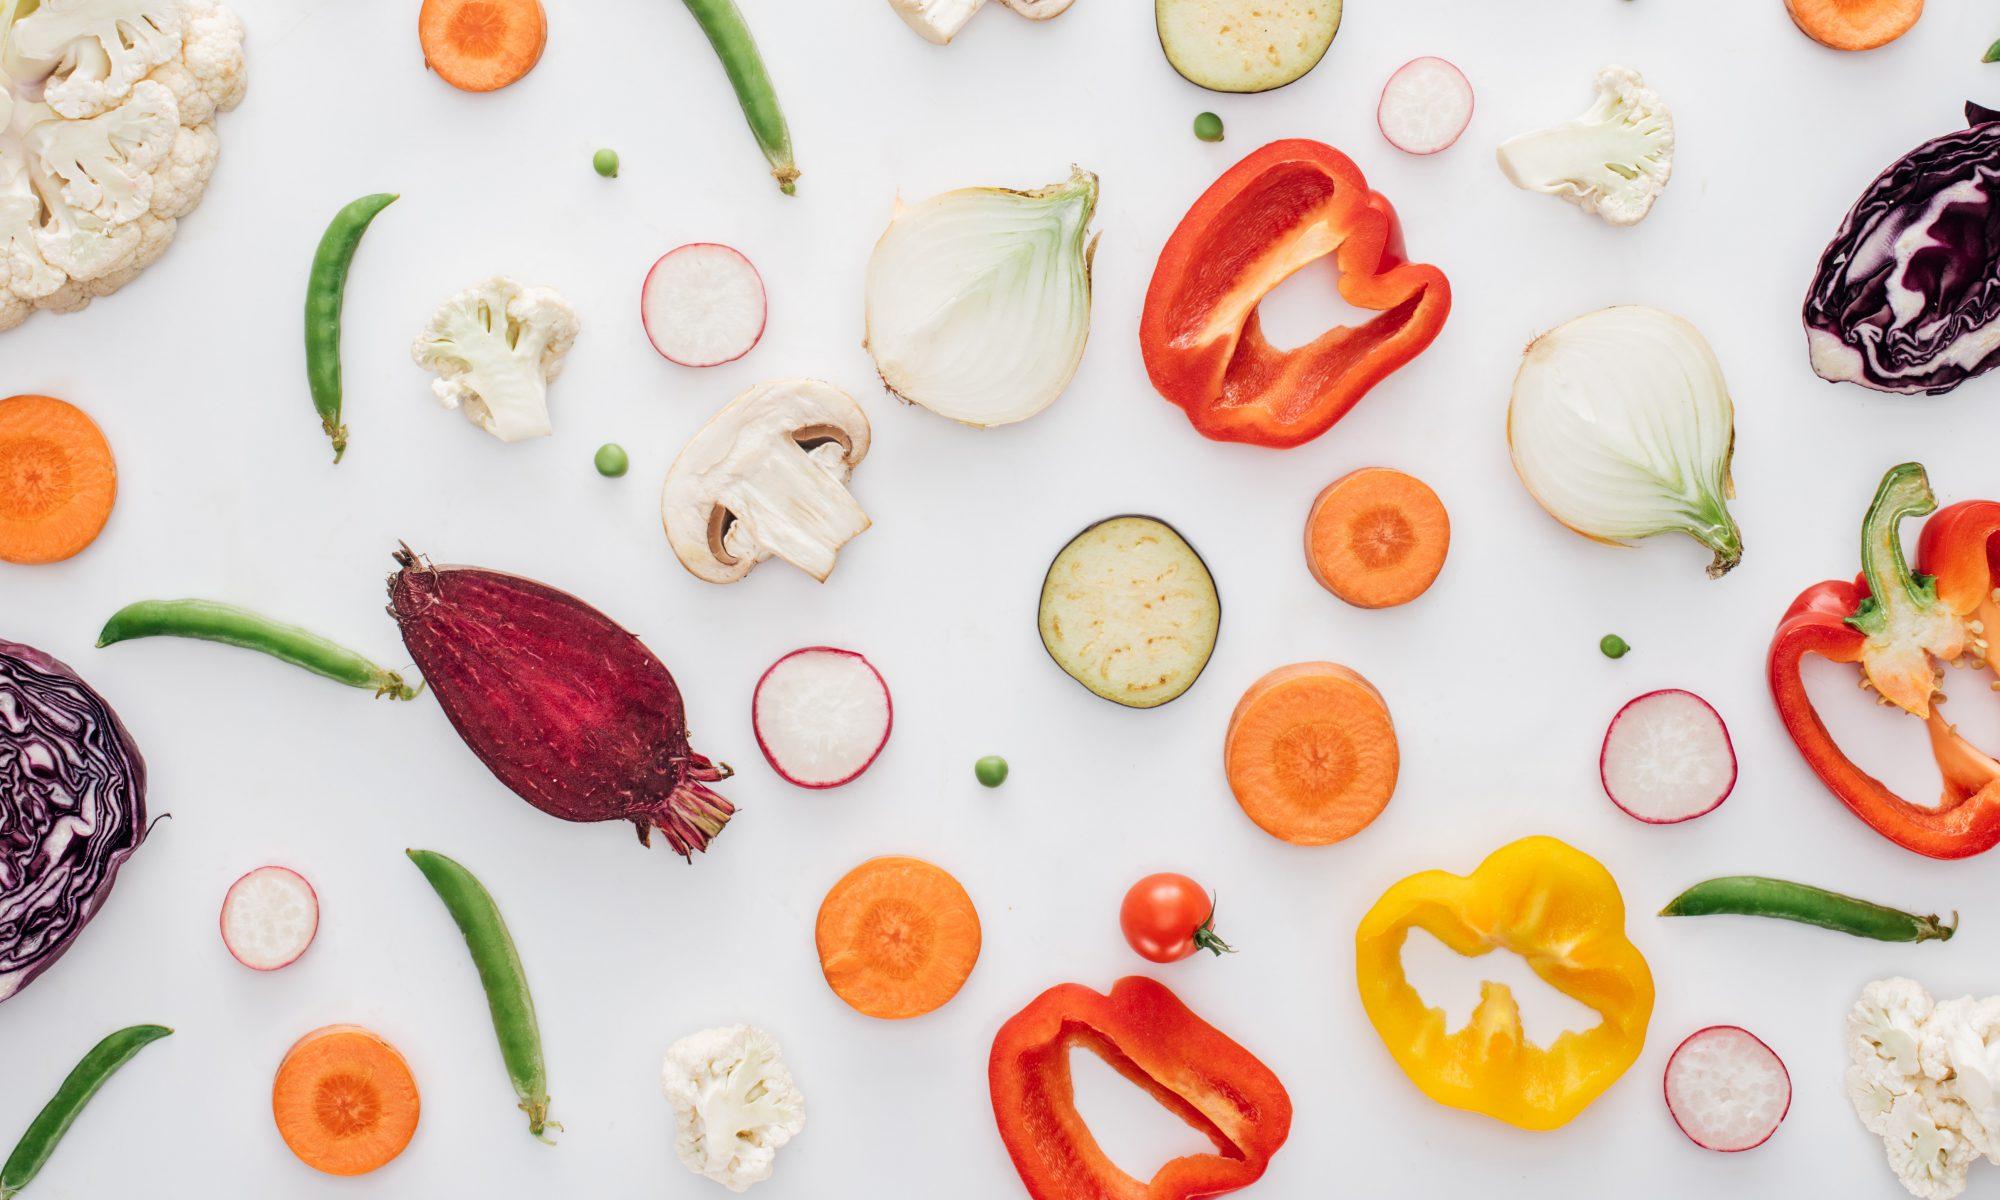 Keine Angst vor Gemüse - Scheiben von diversen Gemüsesorten auf weißem Hintergrund